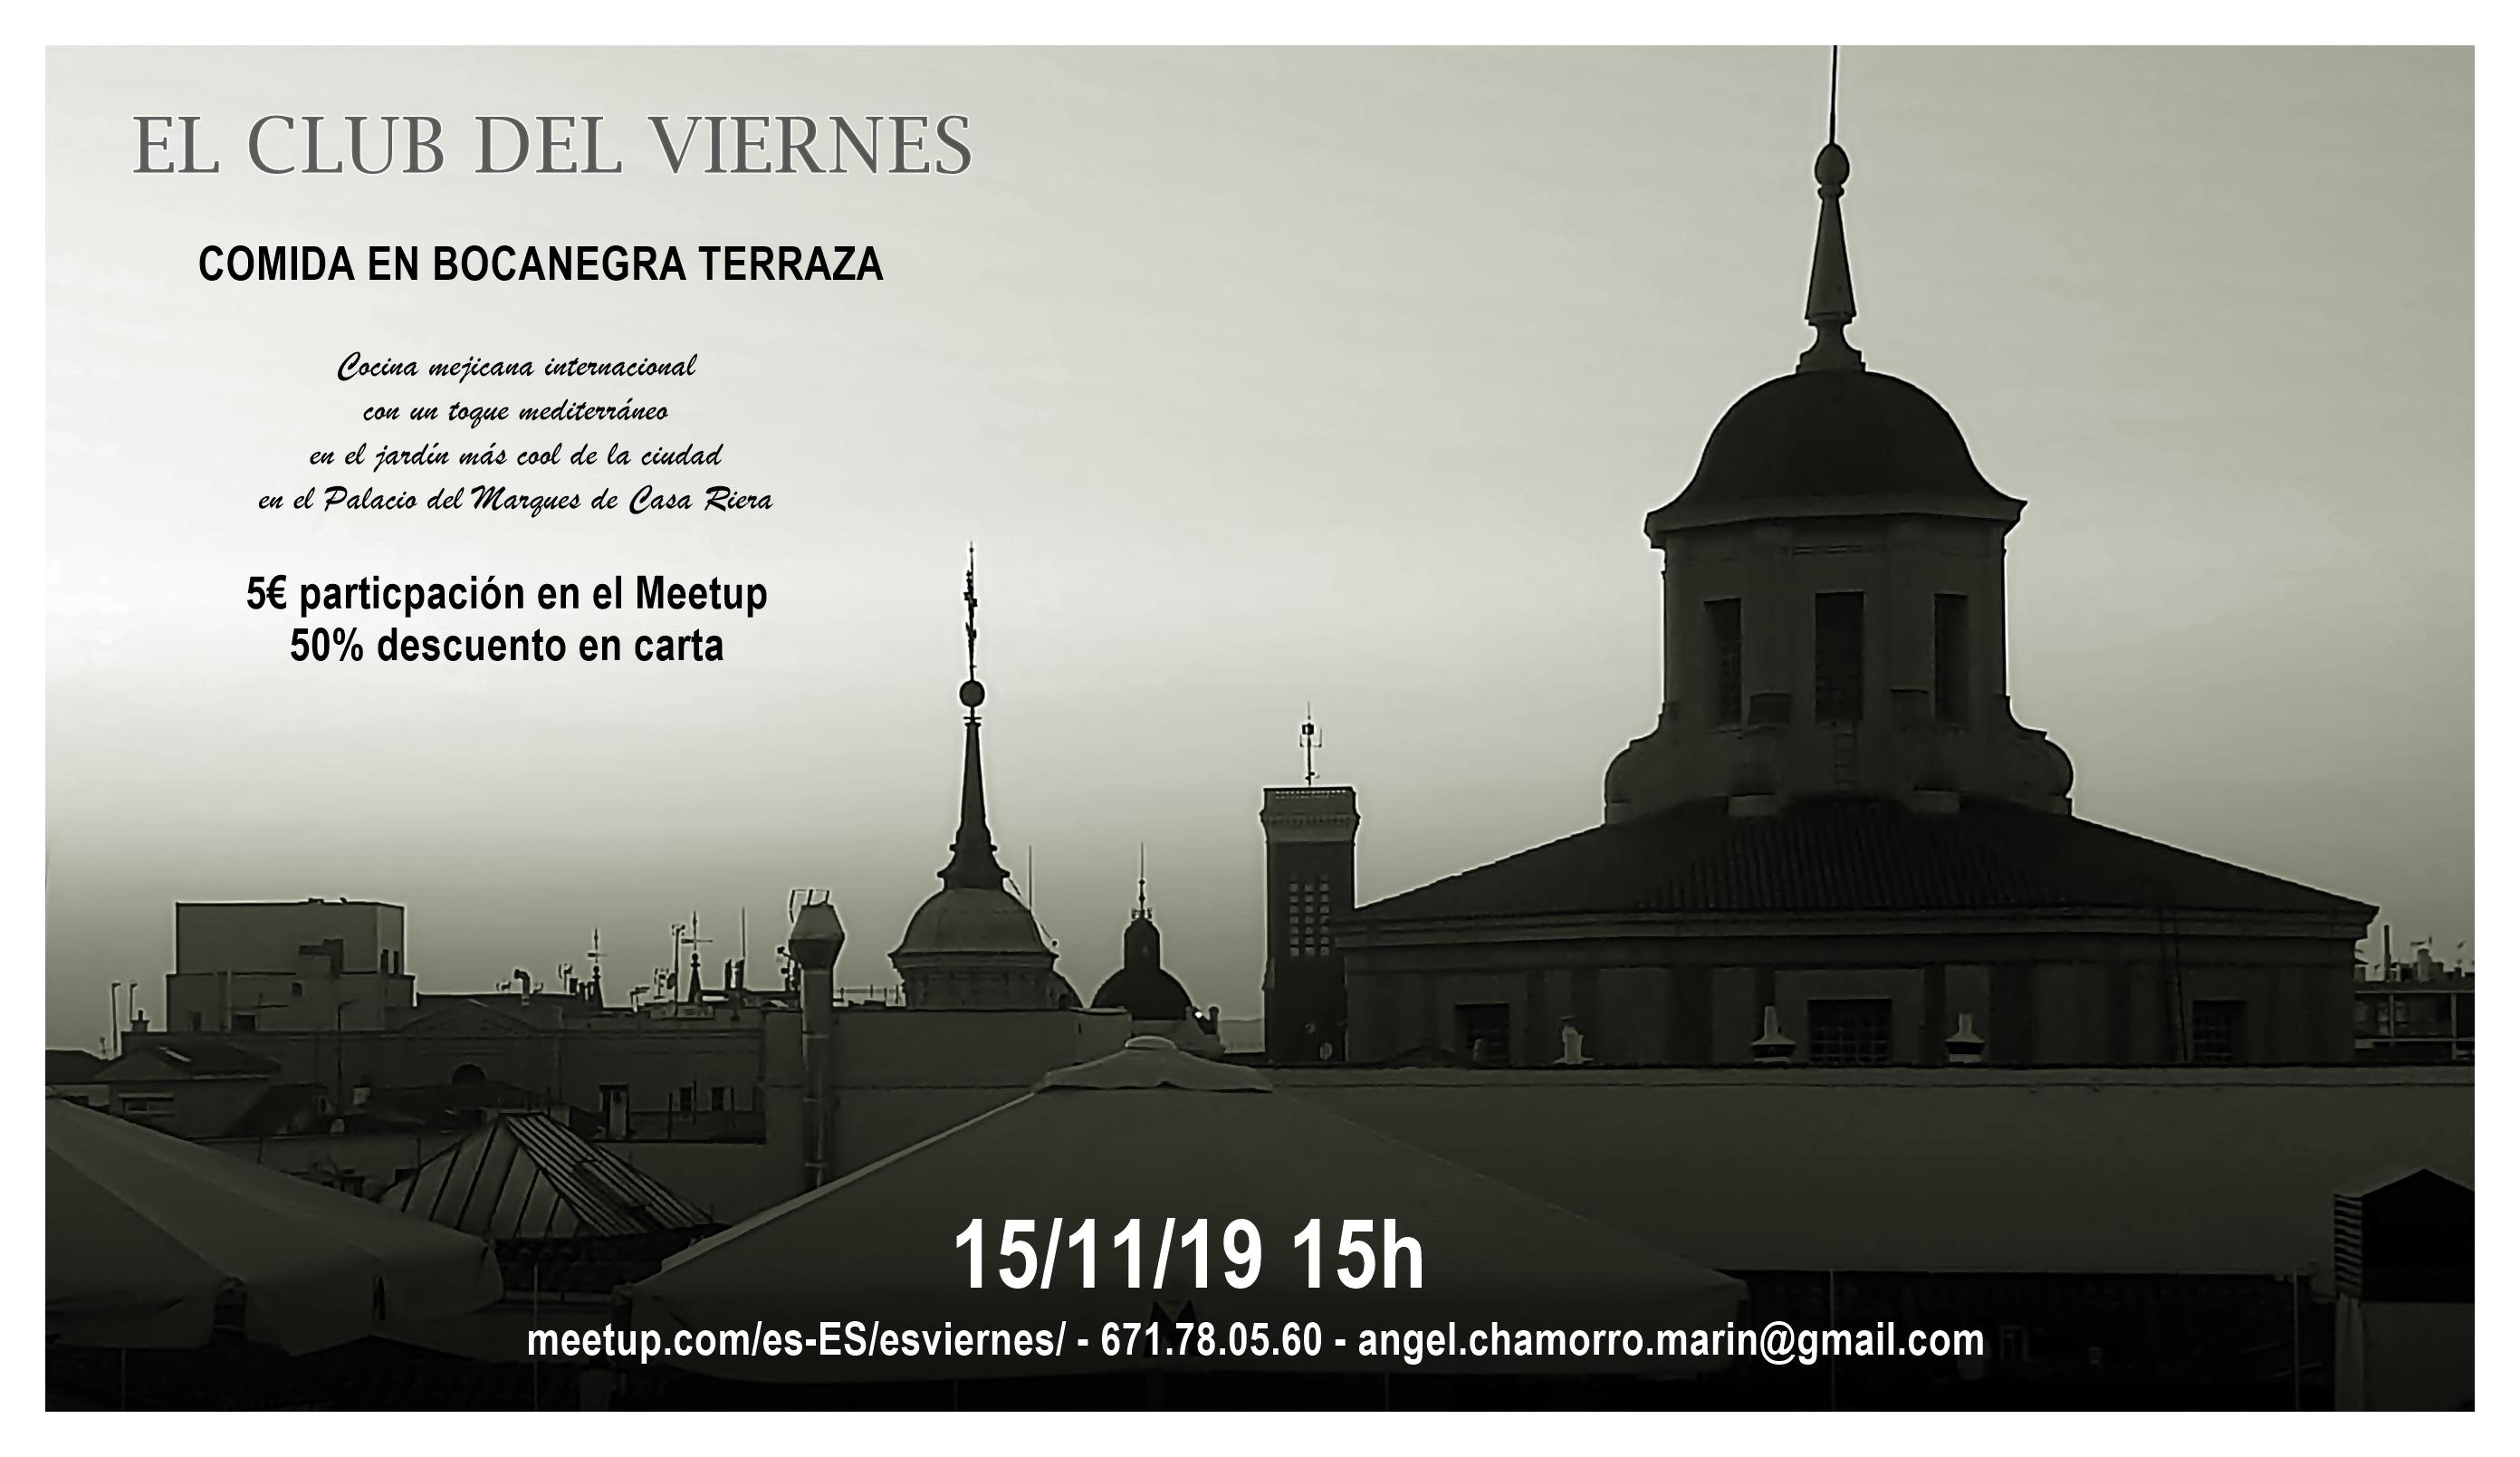 el club del viernes bocanegra - Happening Meetups: JazzMadrid 19, Mercatino di Natale y mucho más